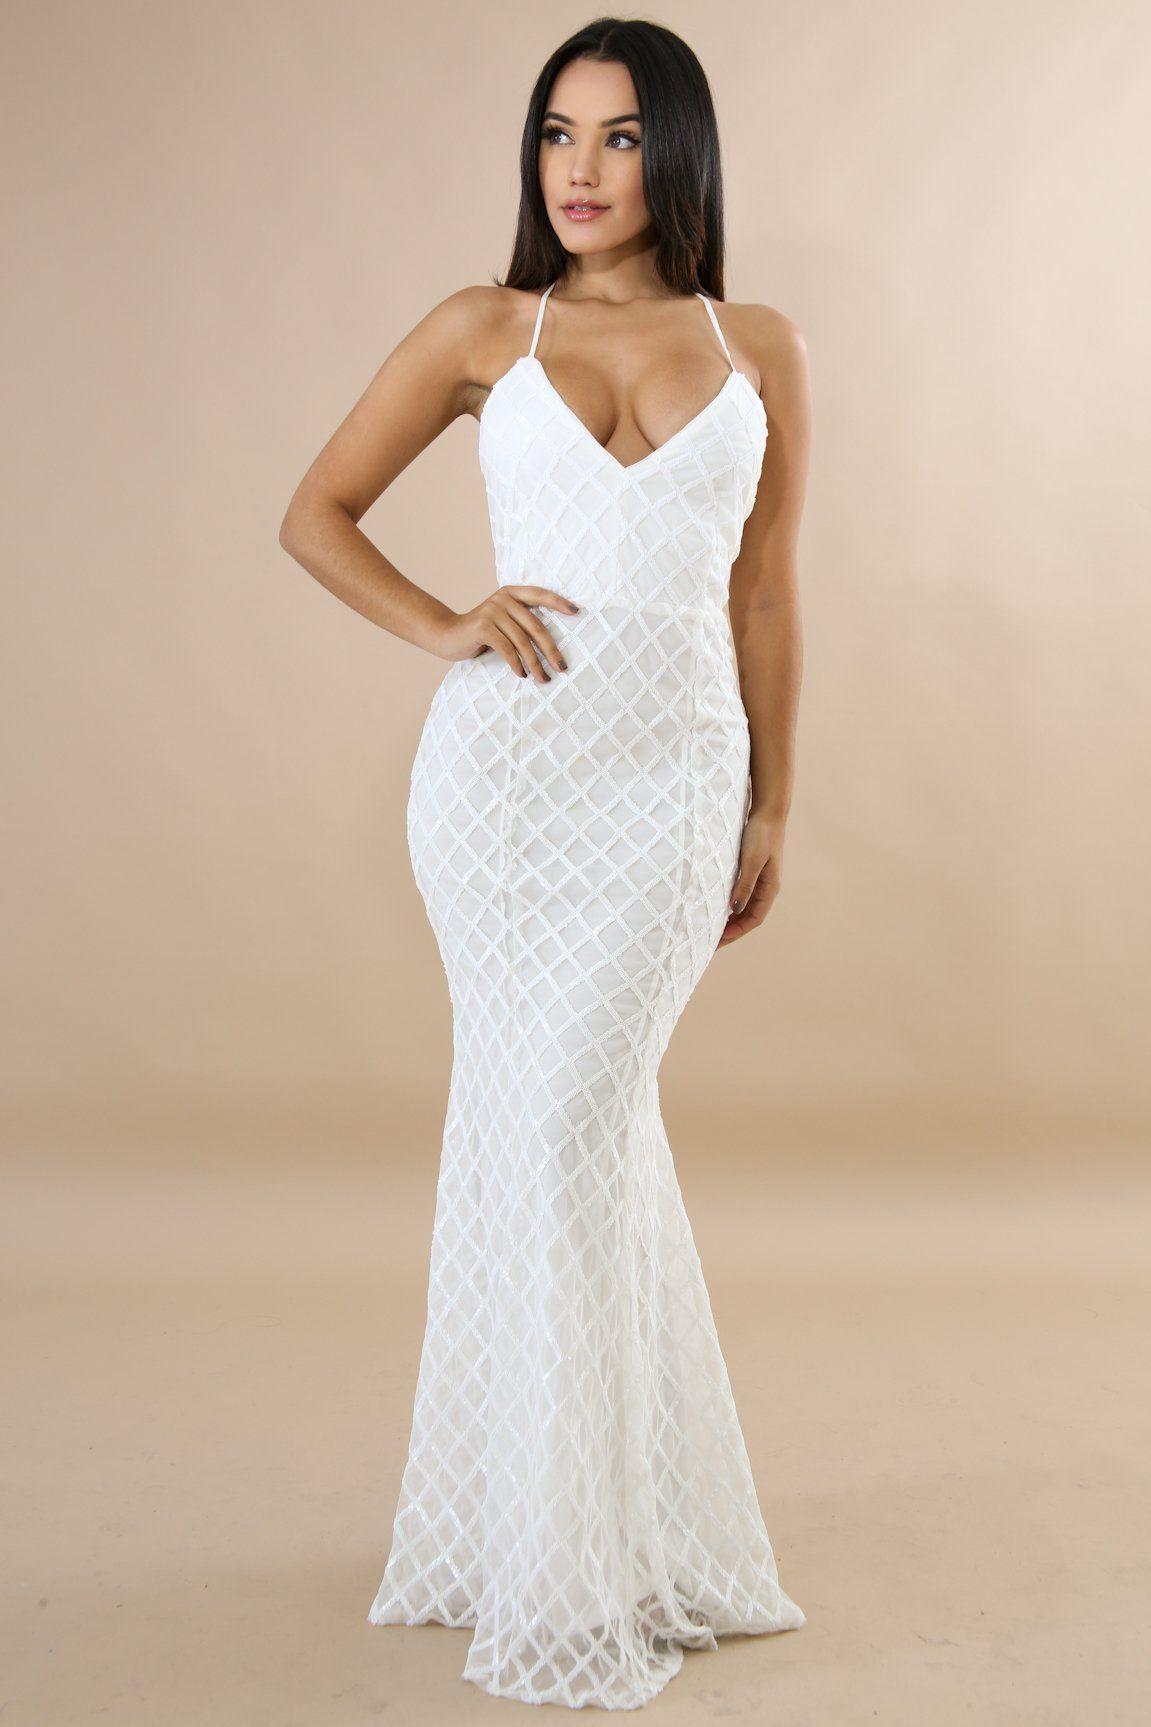 Sequin Diamond Mermaid Dress Description This sequin